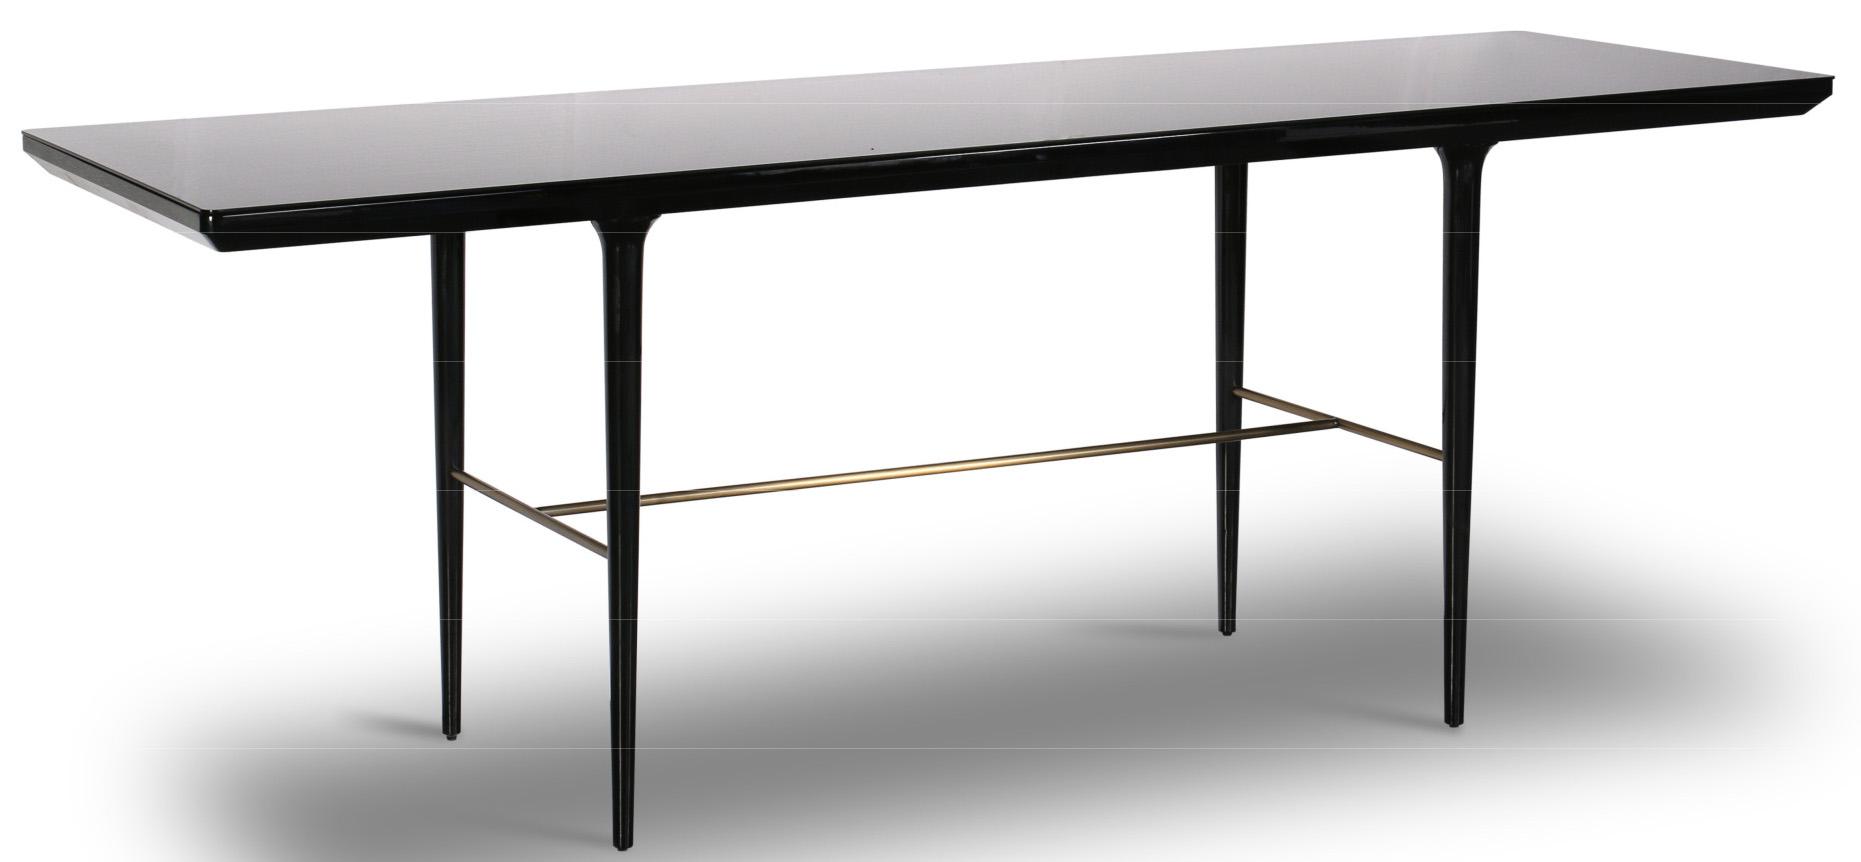 HIGH LOBBY TABLE CT-205